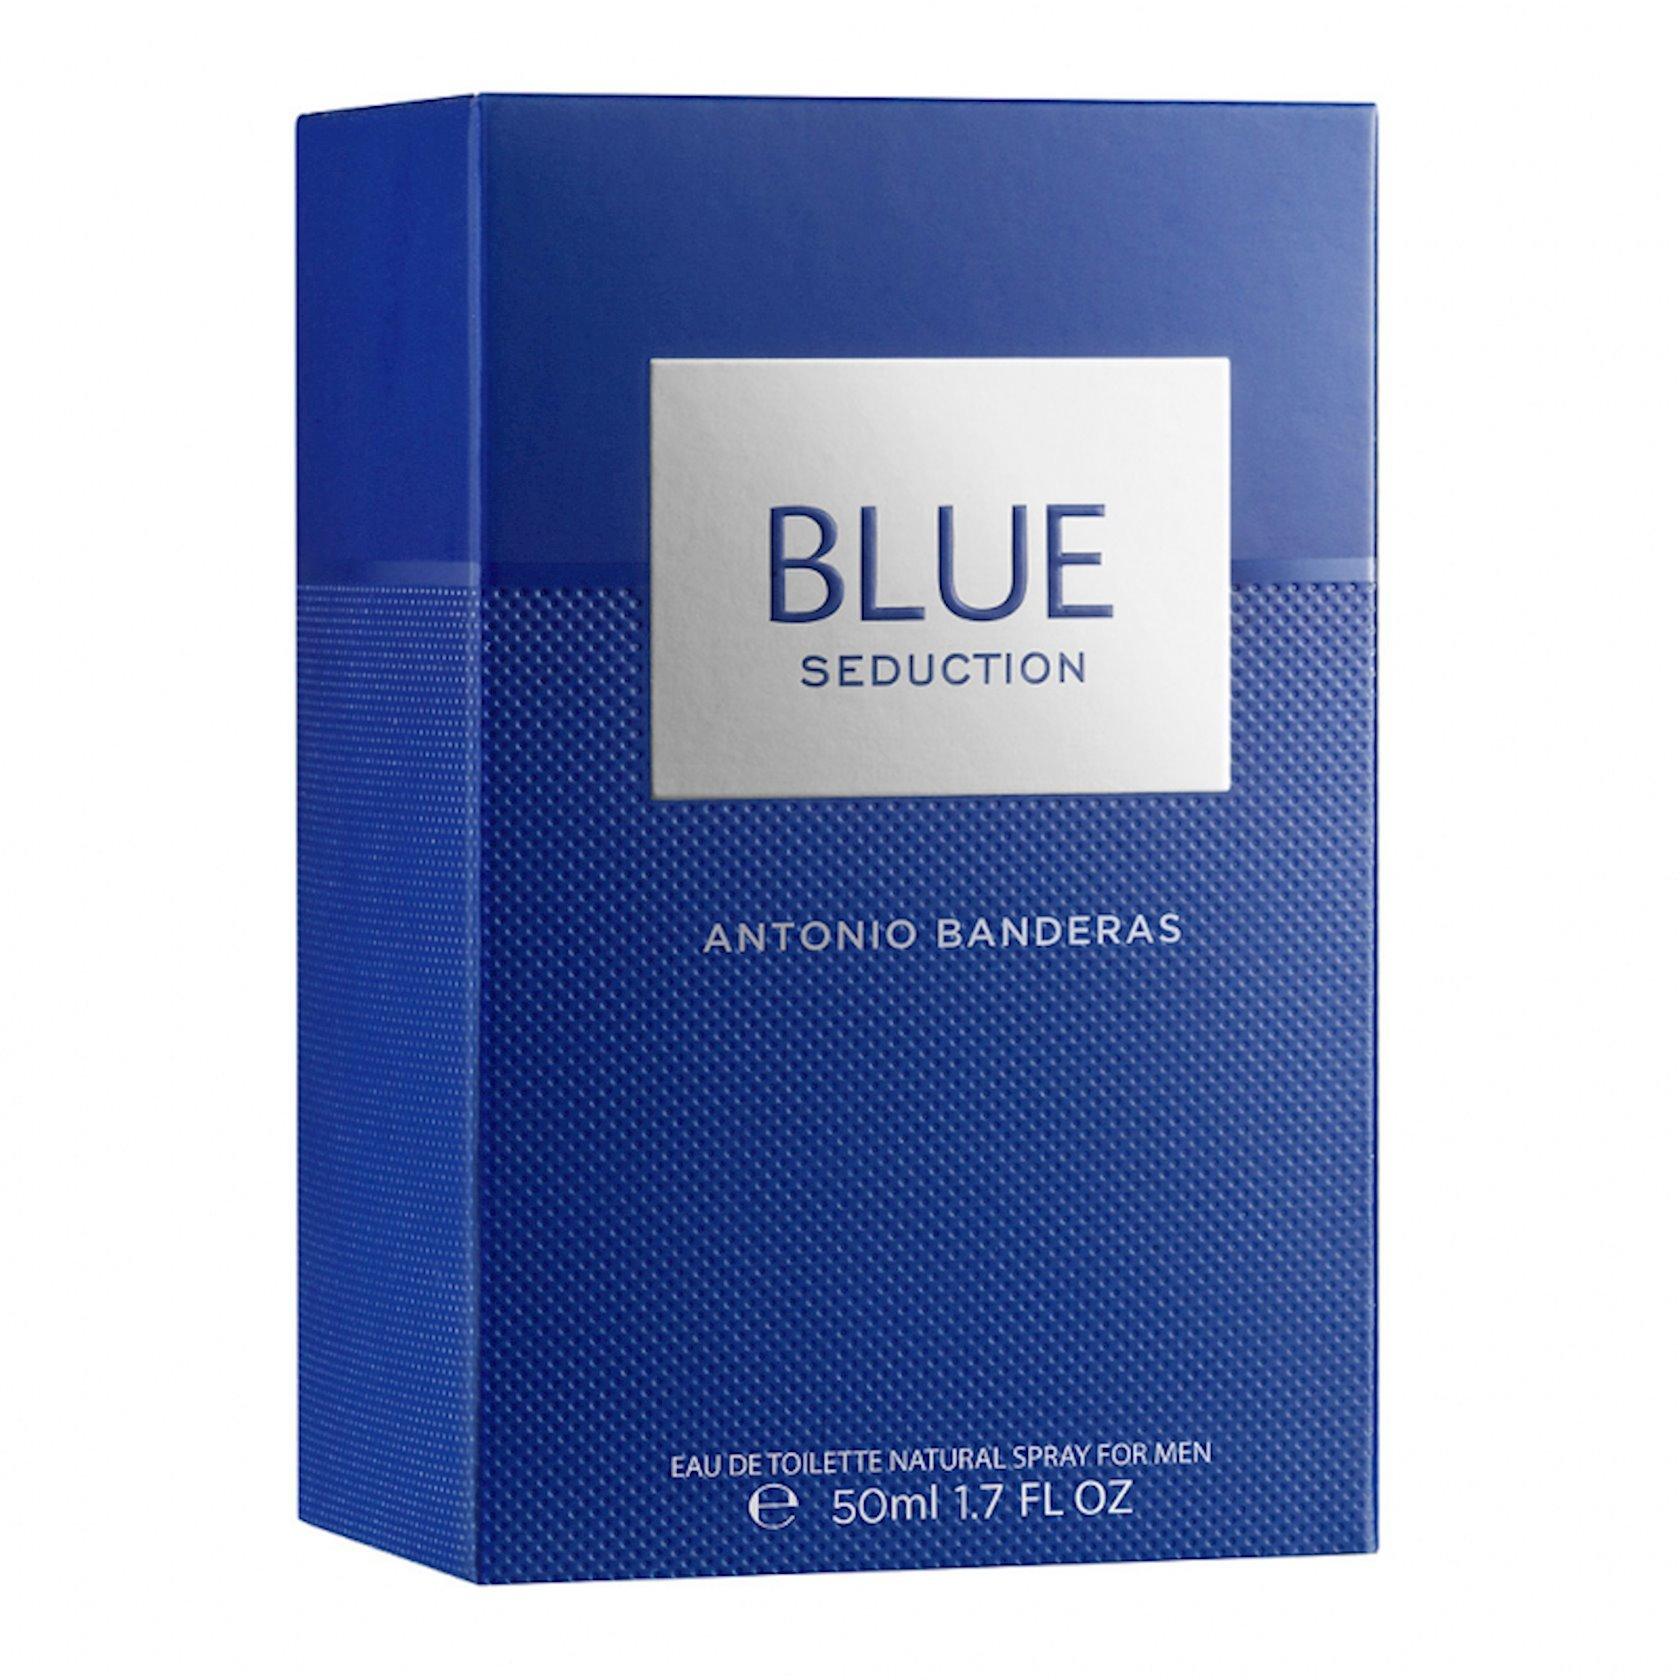 Kişilər üçün tualet suyu Antonio Banderas Blue Seduction 50 ml